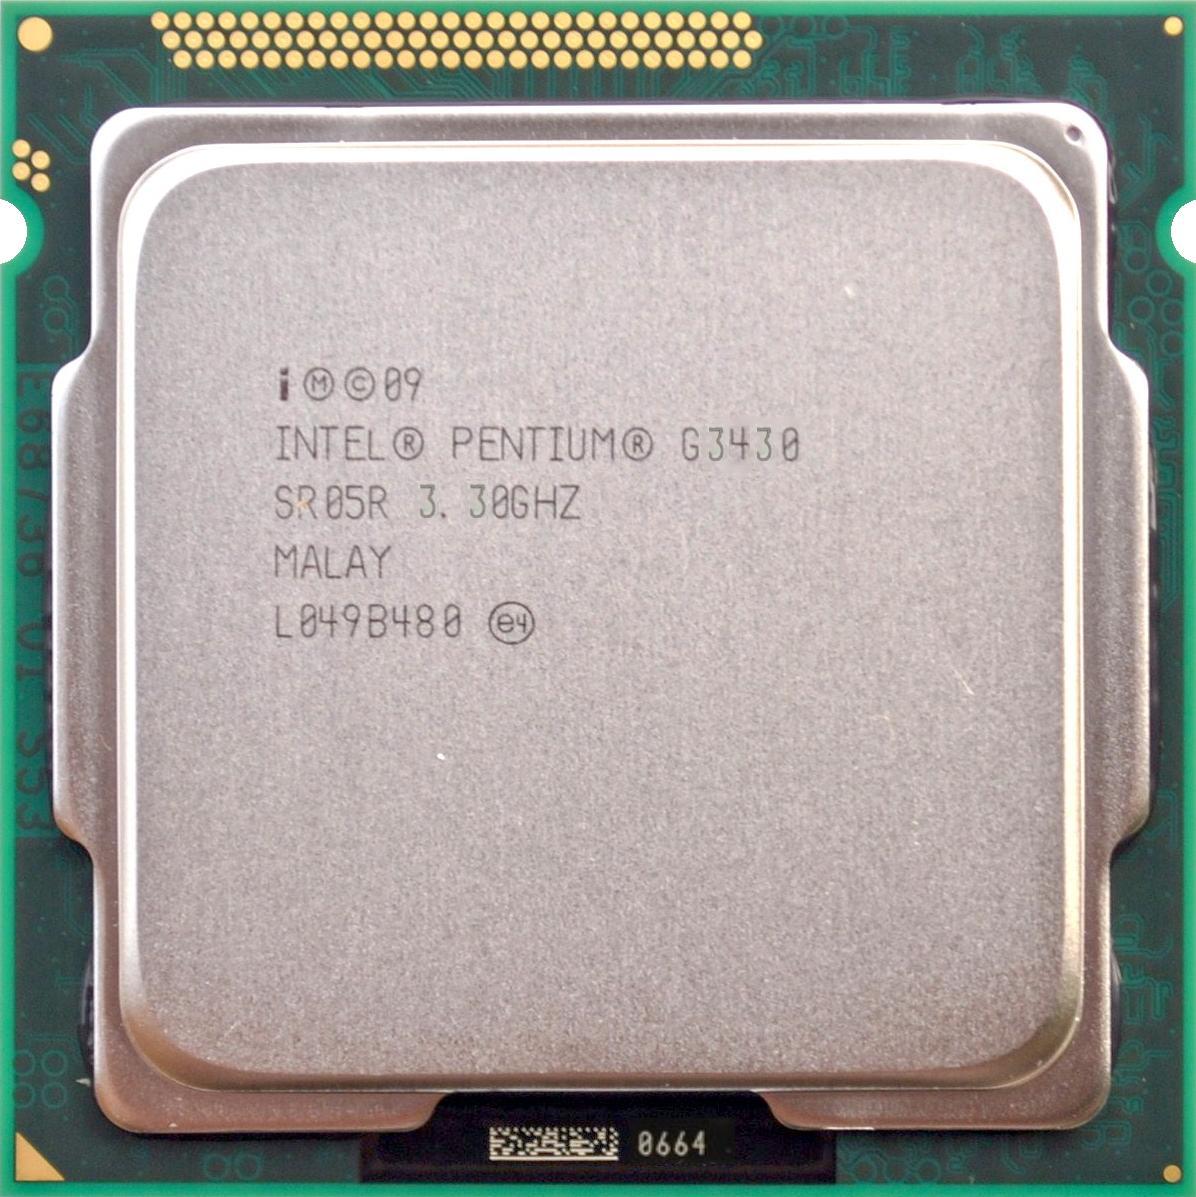 Intel Pentium G3430